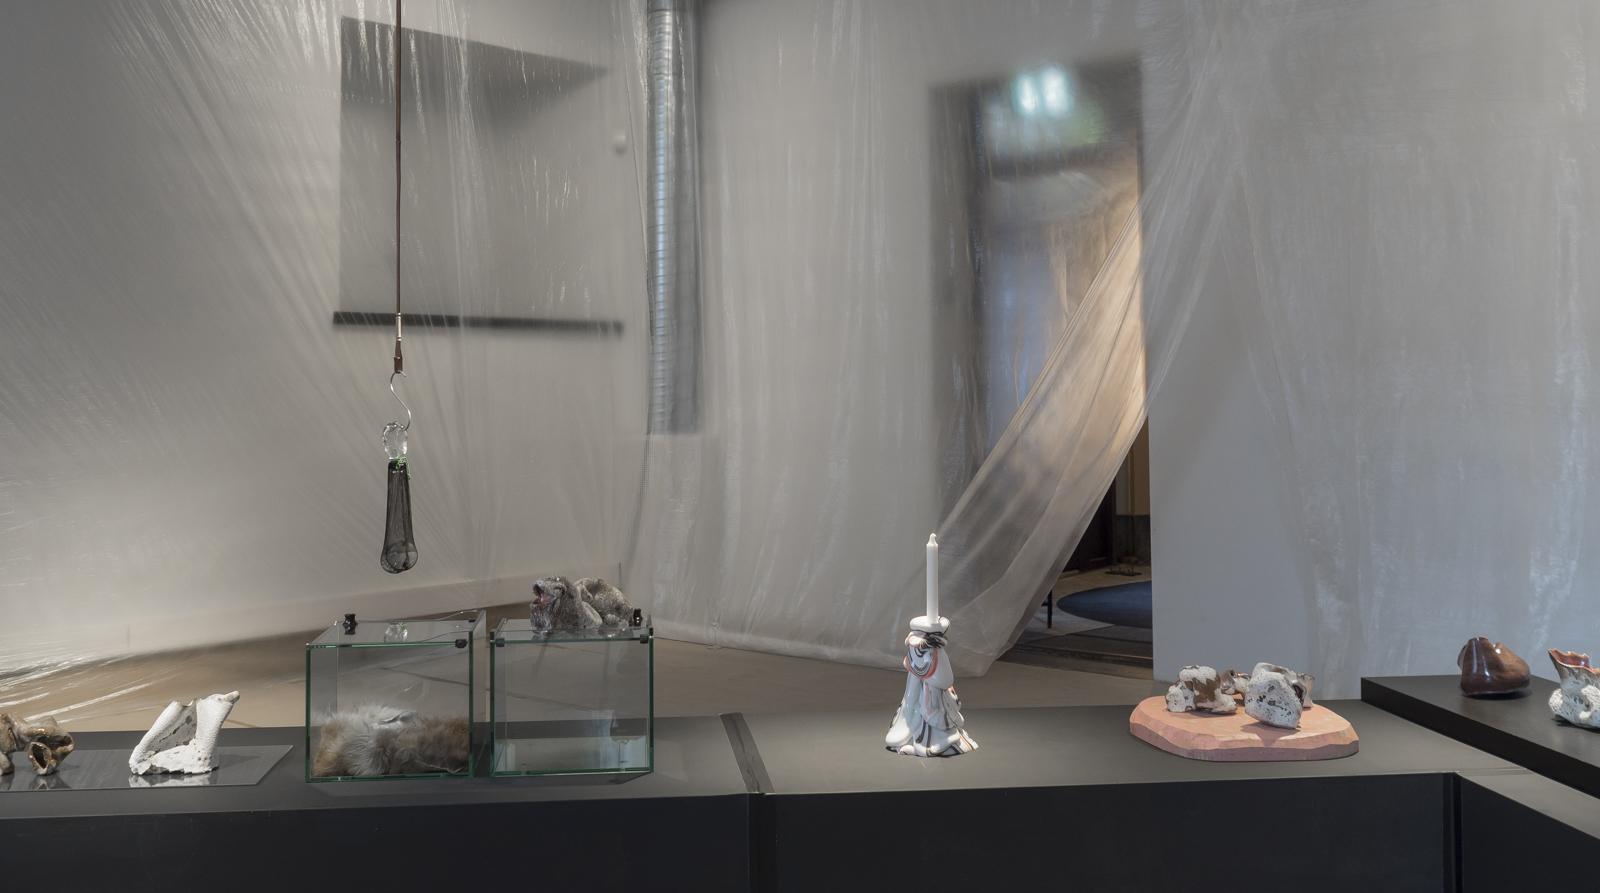 Installasjonsfoto av utstillingen Tête-à-tête. Foto: KRAFT